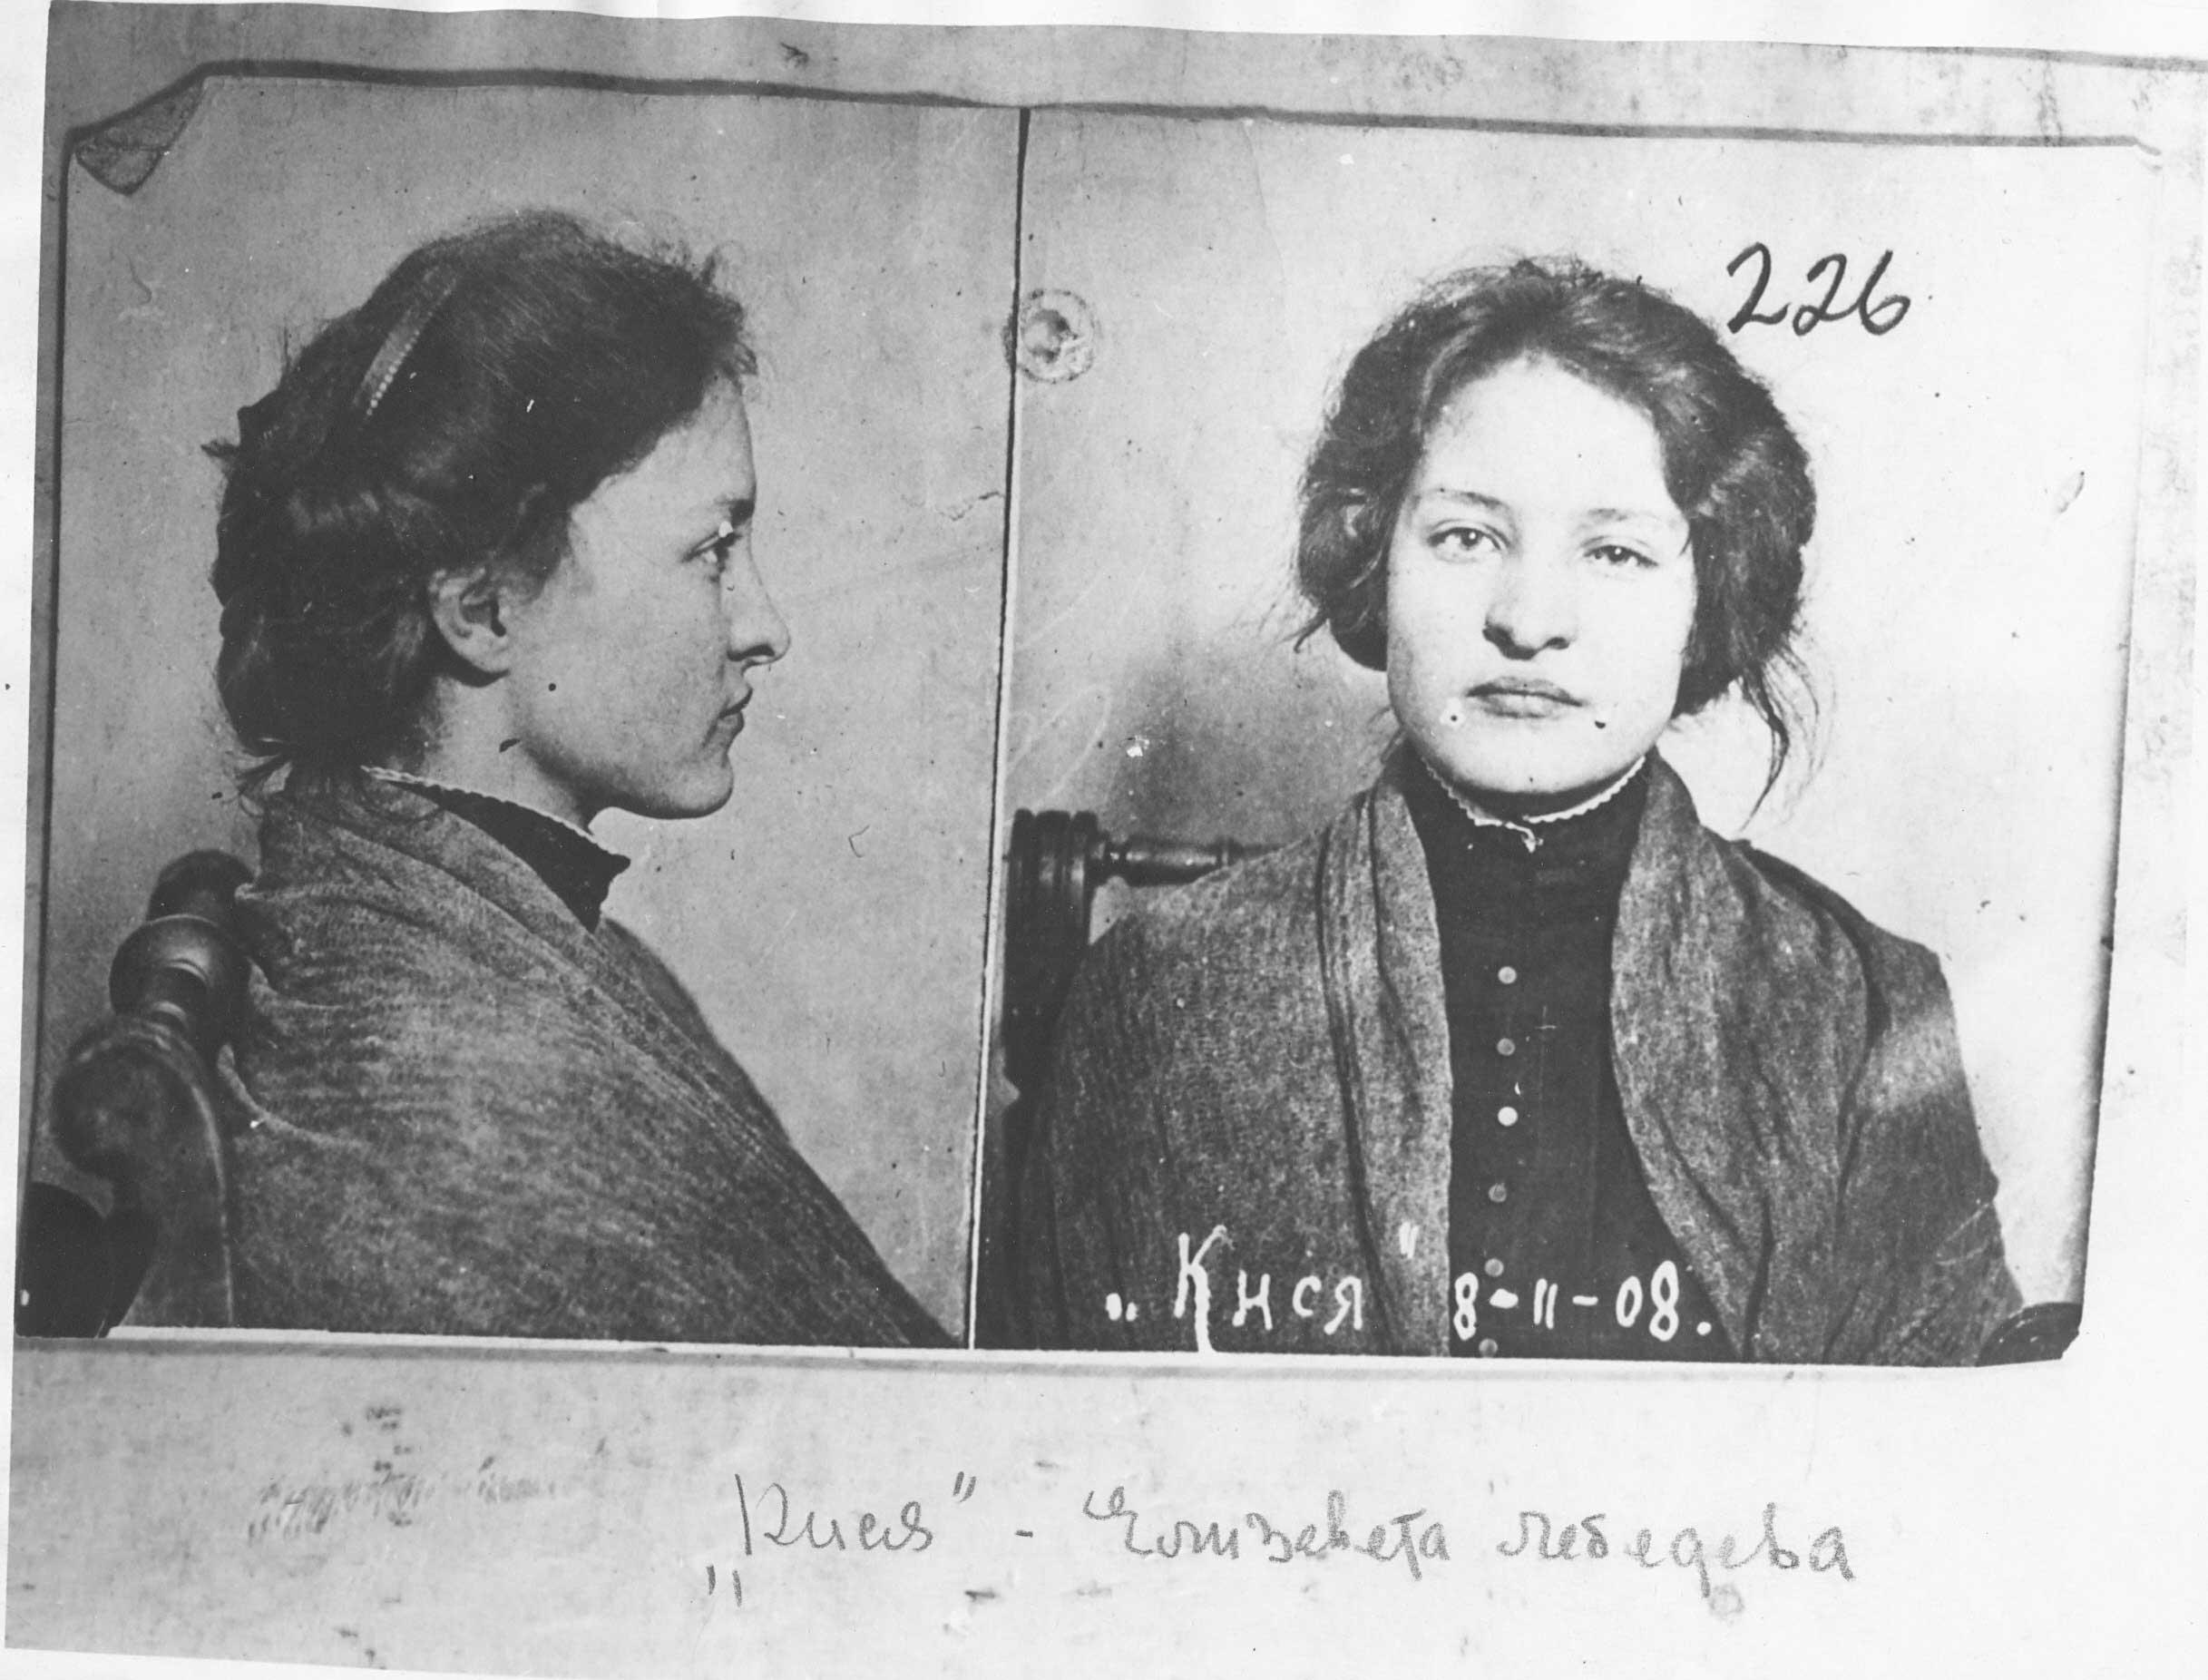 Photo: Лебедева Елизавета Николаевна (Кися). Одна из семи повешенных 17 февраля 1908 года.